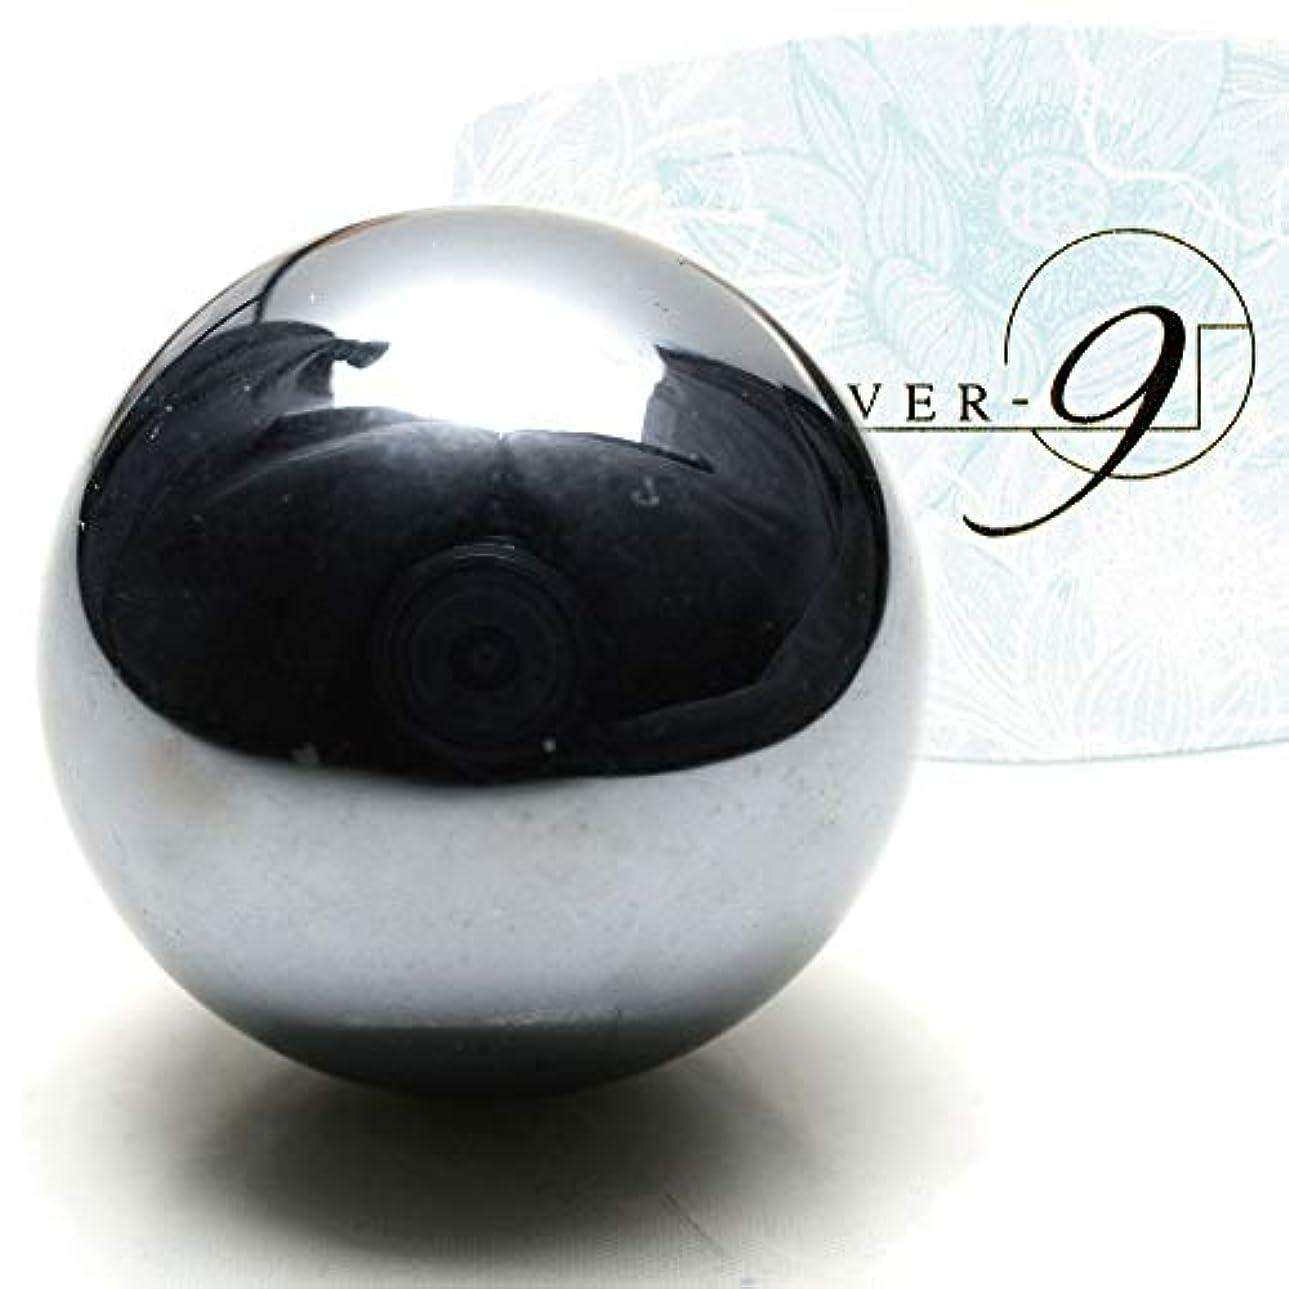 矢哺乳類番号テラヘルツ ボール 20mm 丸玉 マッサージボール 公的機関にて検査済み!パワーストーン 天然石 健康 美容 美顔 かっさ グッズ